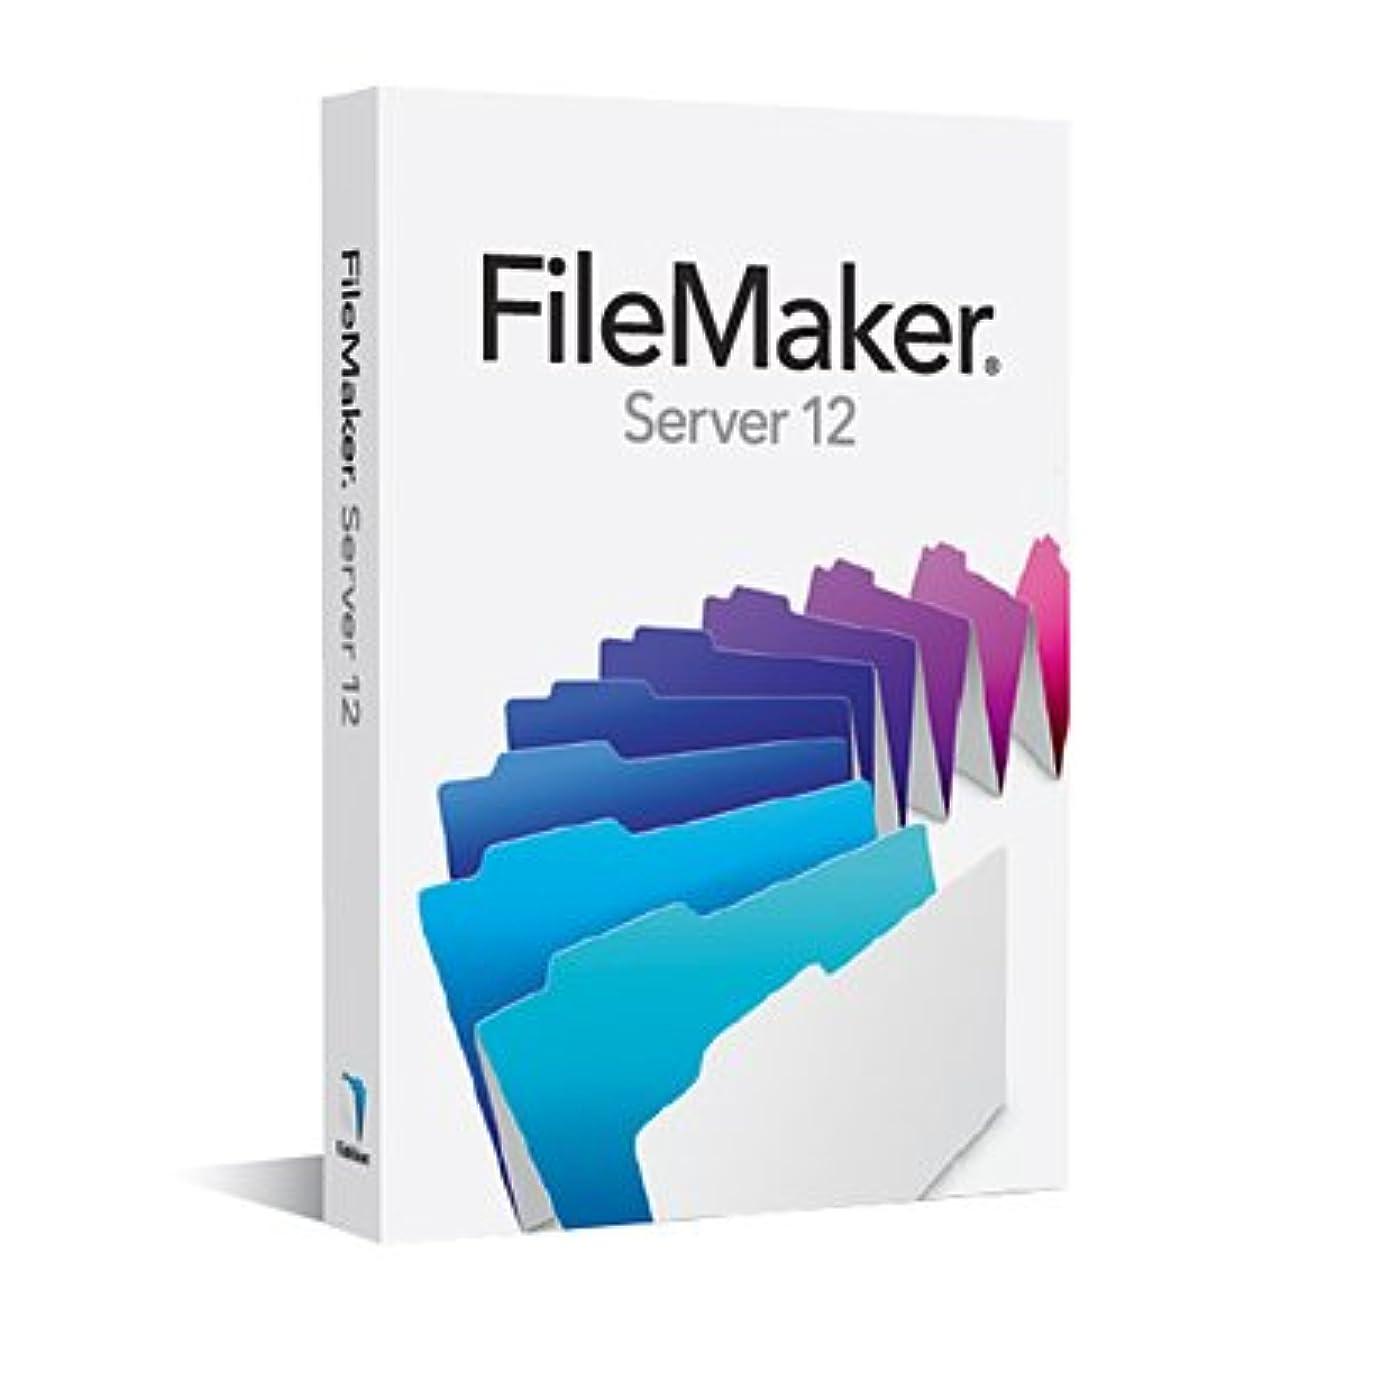 申し立てられたマガジン困った◆日本語対応版◆FileMaker(ファイルメーカー)  Server 12◆アカデミック版◆並行輸入品◆米国版